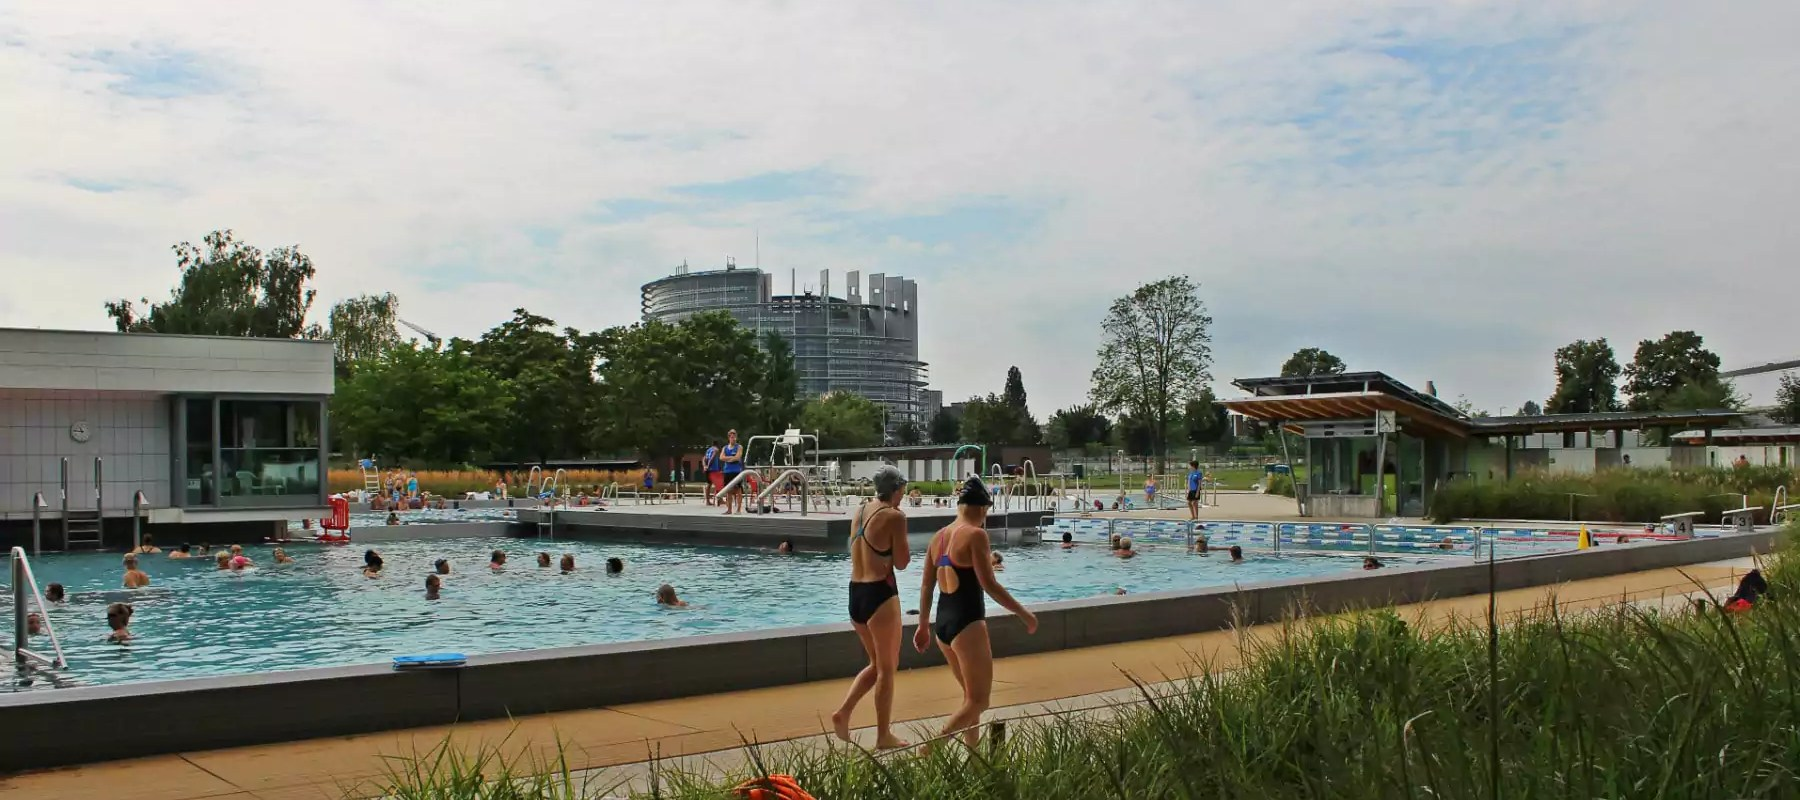 Ce que la rénovation des piscines a changé à Strasbourg